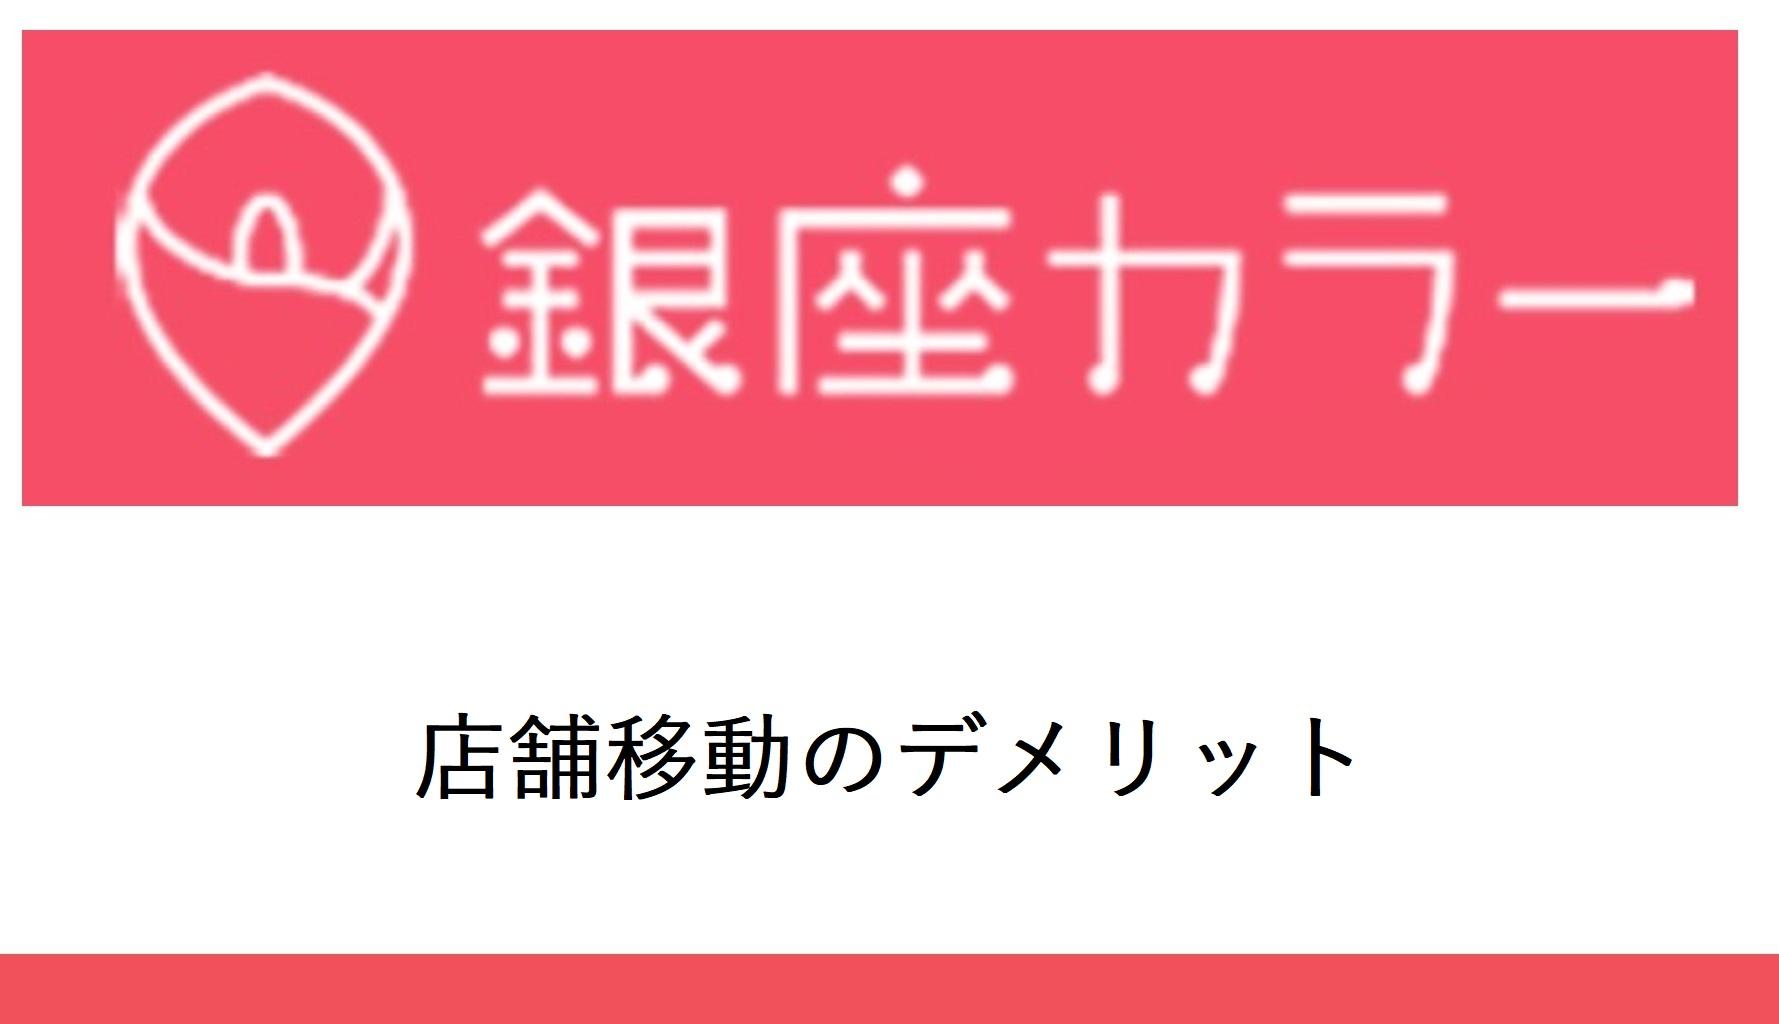 銀座カラー(店舗移動のデメリット)